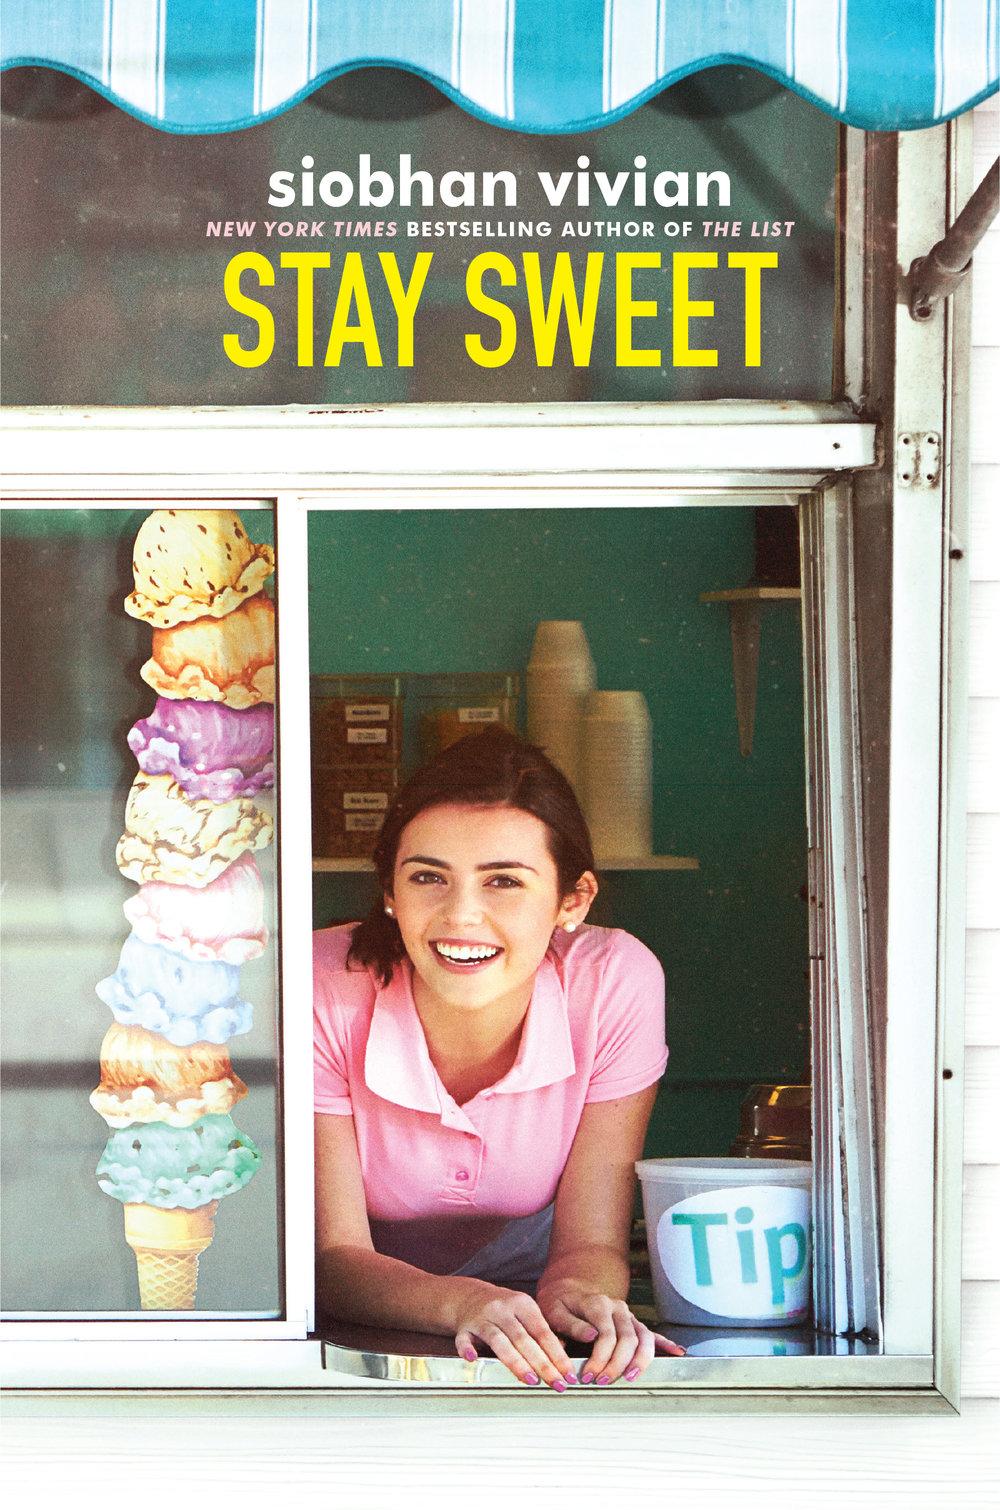 siobhan-vivian-stay-sweet.jpg